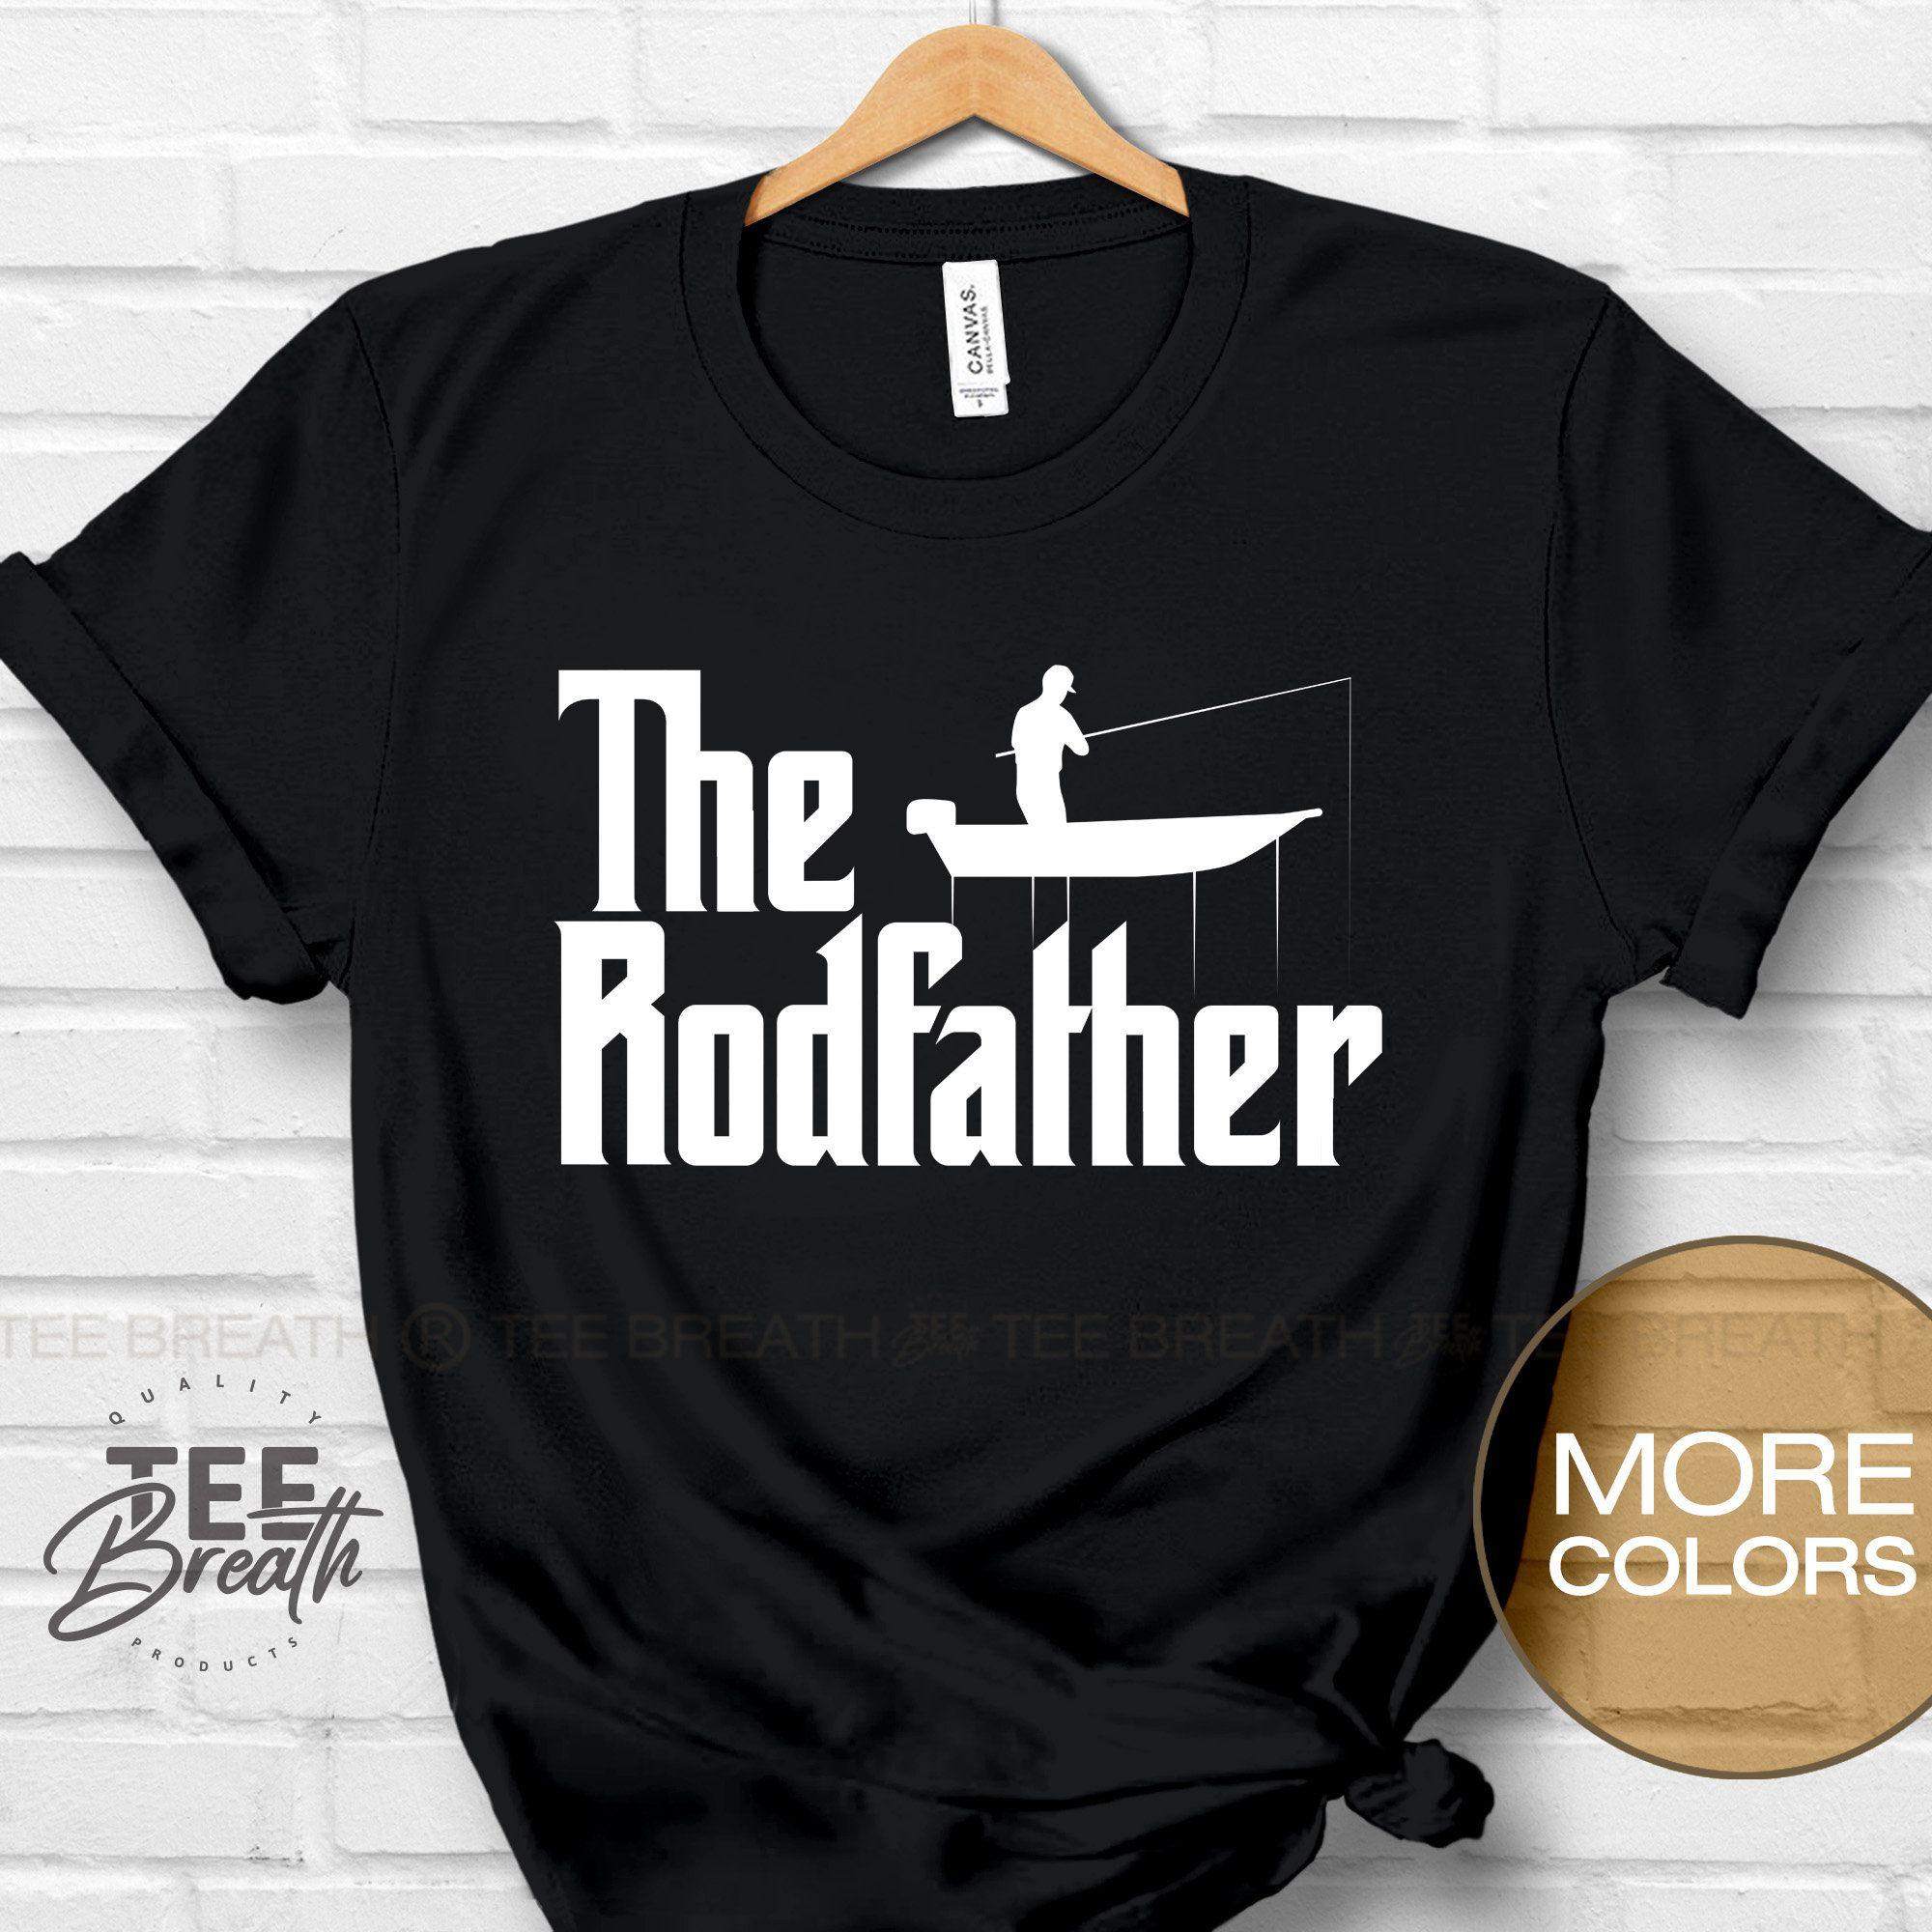 The Rodfather T Shirt Fishing Shirt Fishing Rod Tshirt Etsy Fishing Shirts Fishing T Shirts Funny Fishing Shirts